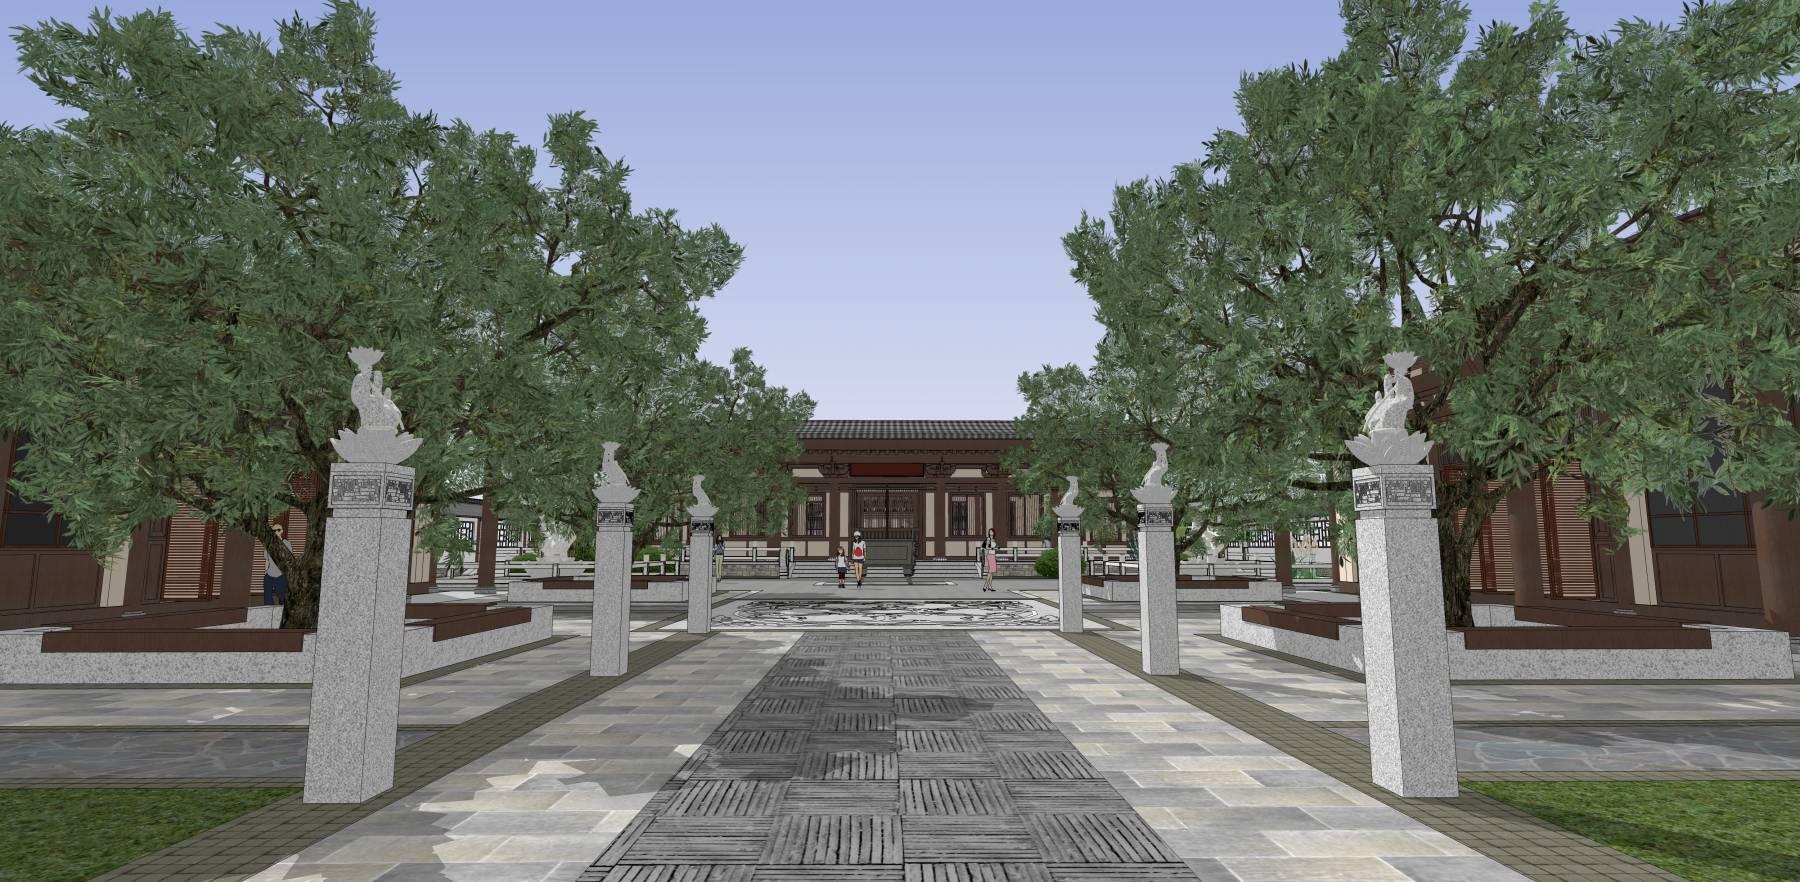 中式四合院禅院中式园林古建公园仿古建筑su